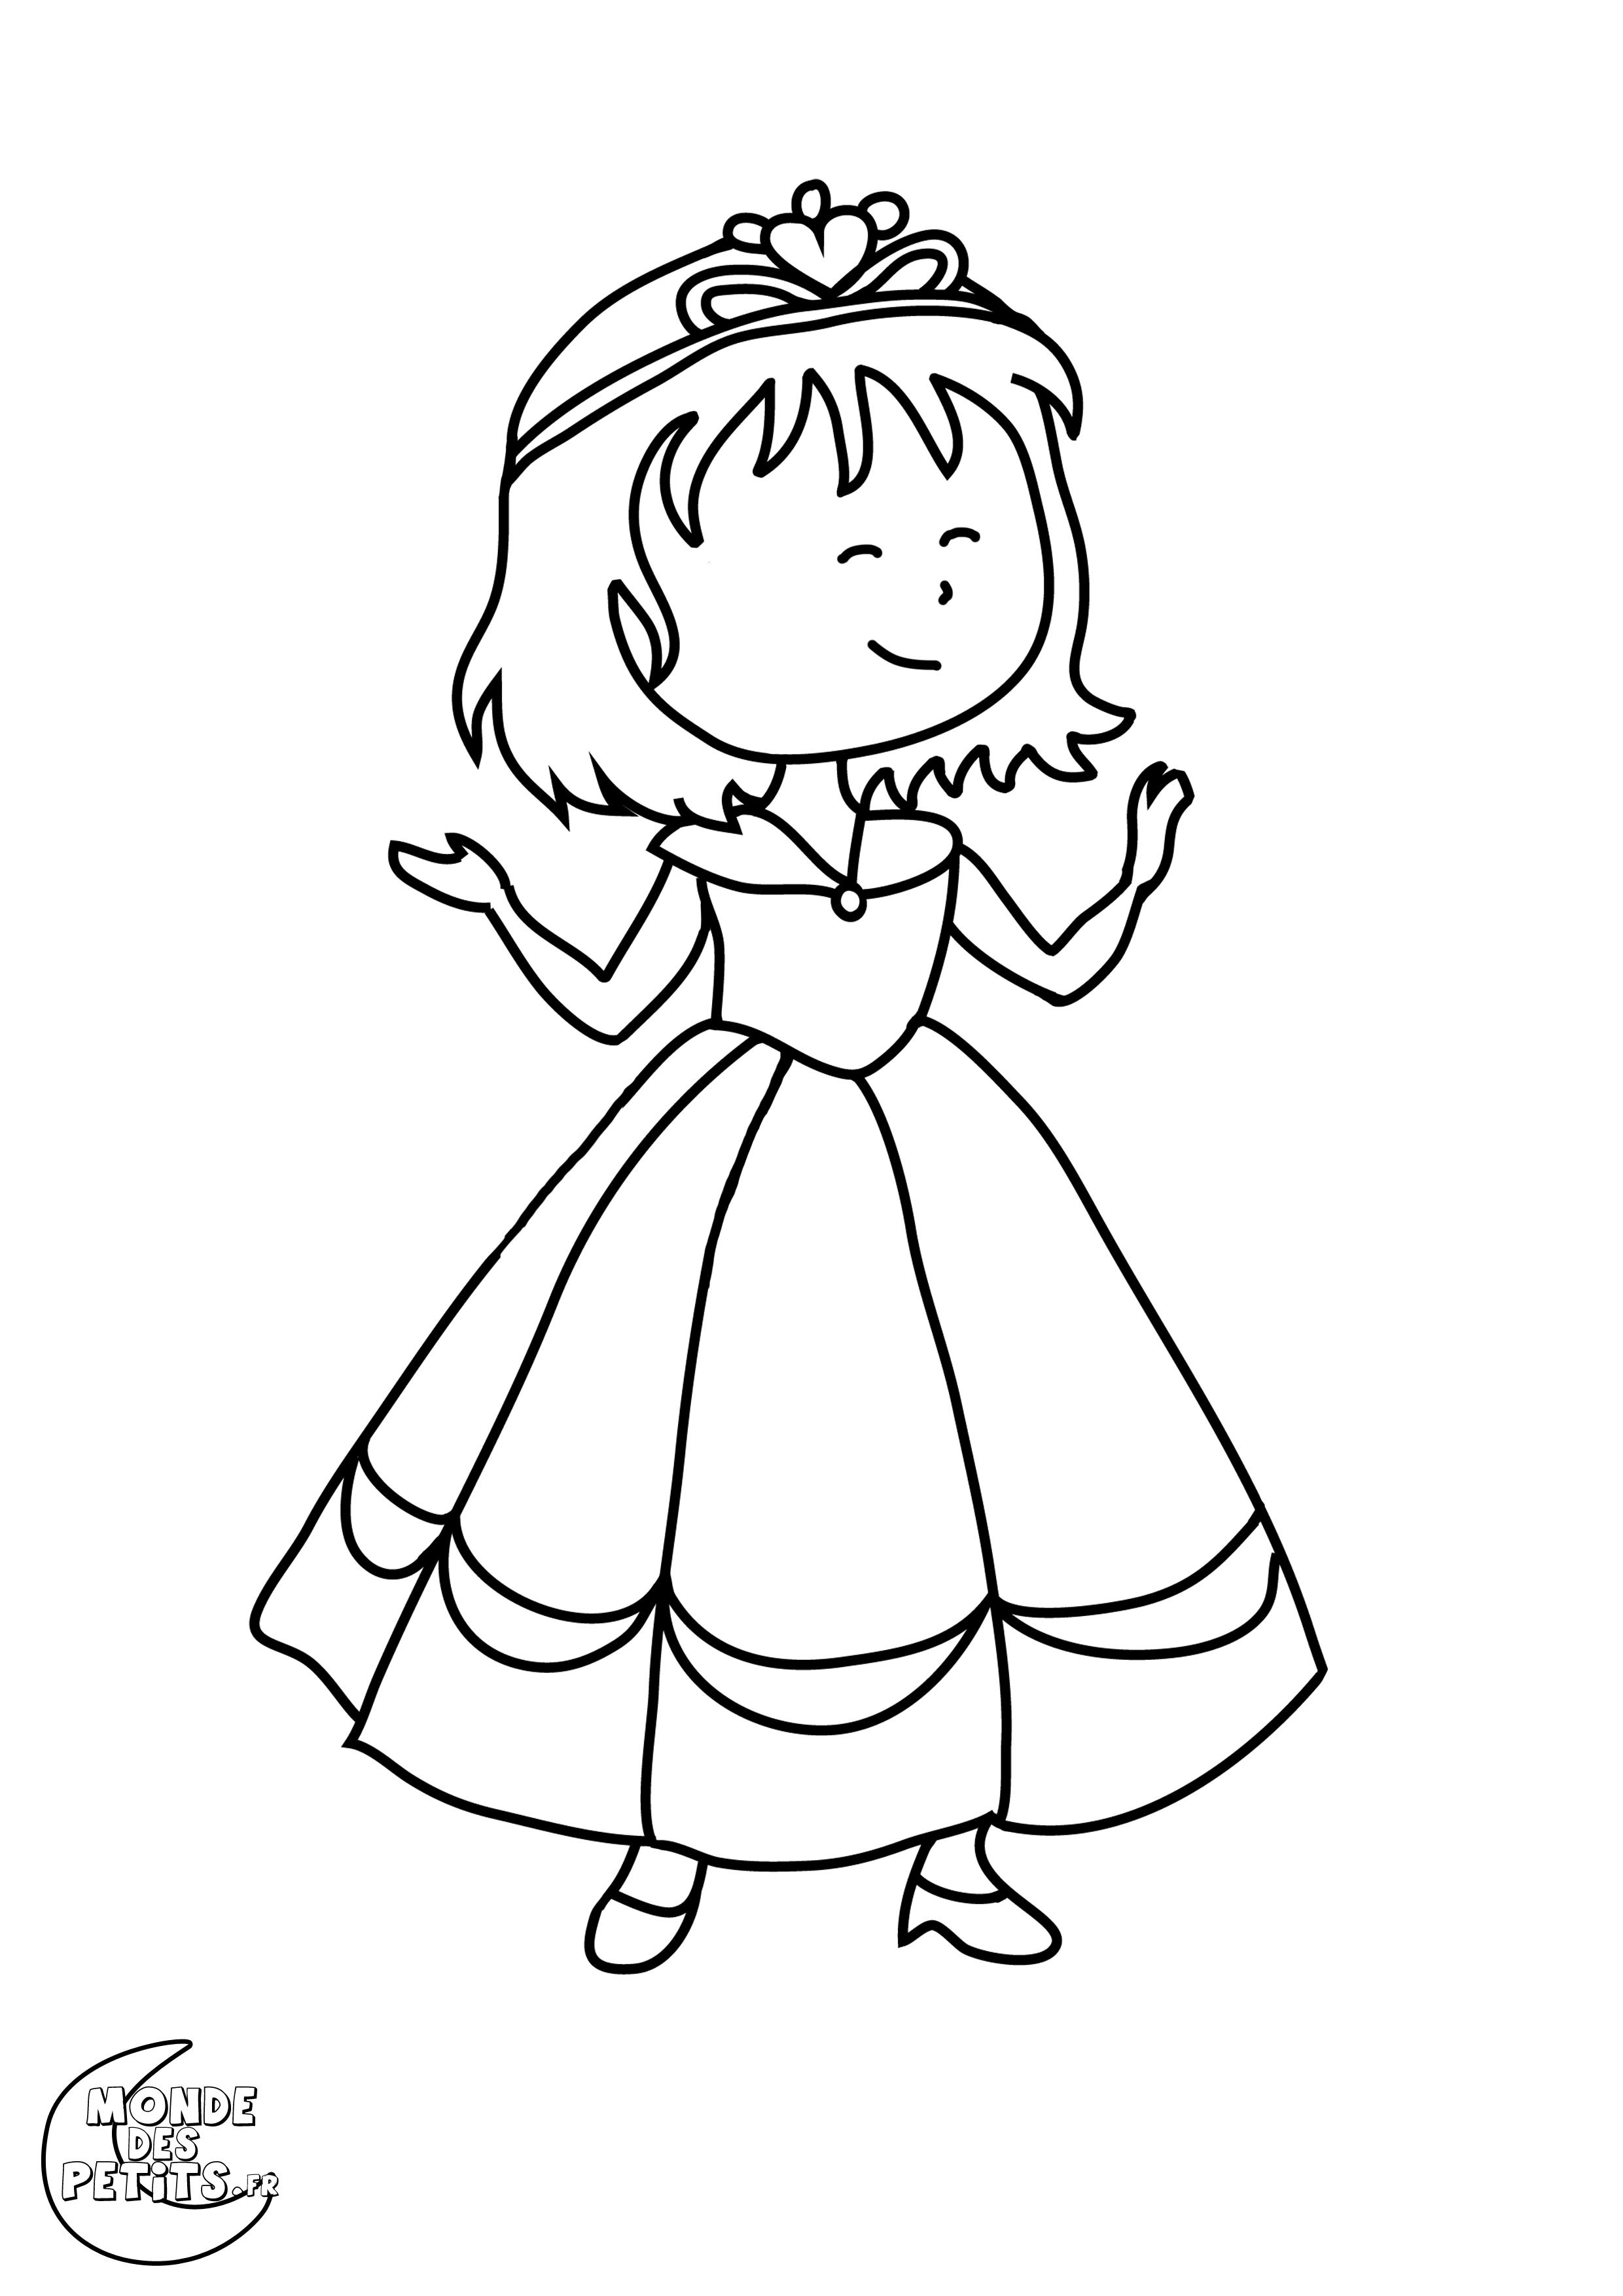 Monde Des Petits - Coloriages À Imprimer tout Coloriage Princesse